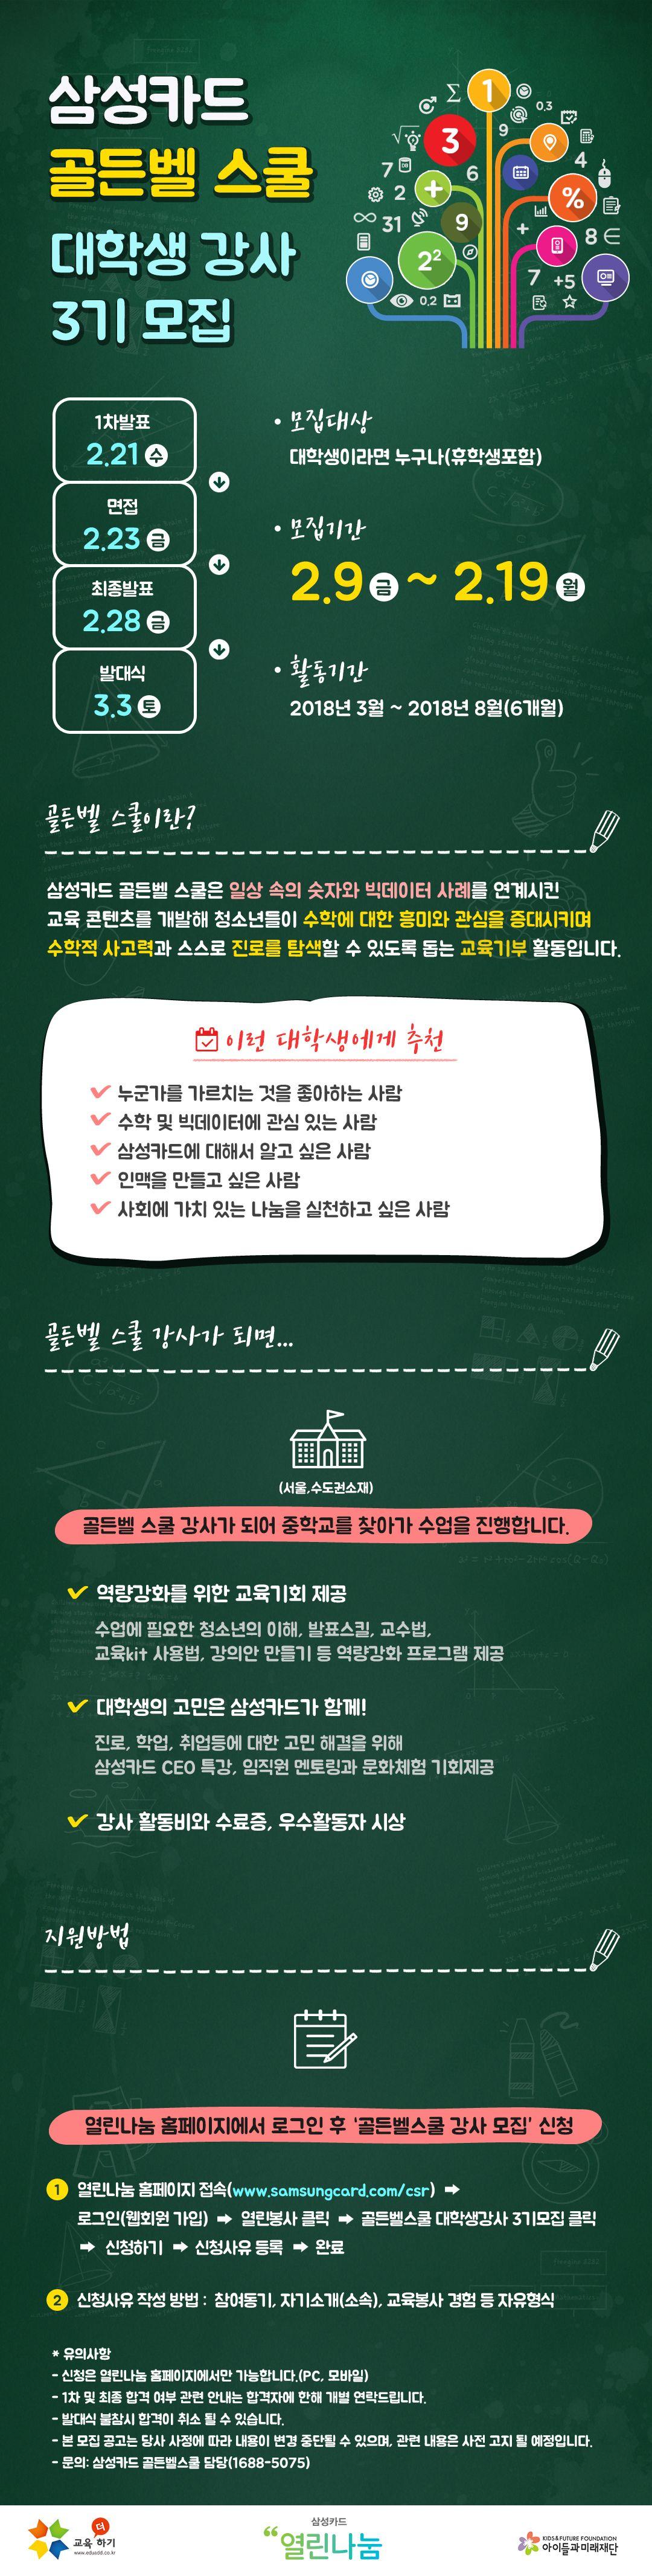 [삼성카드] 골든벨스쿨 대학생강사 모집